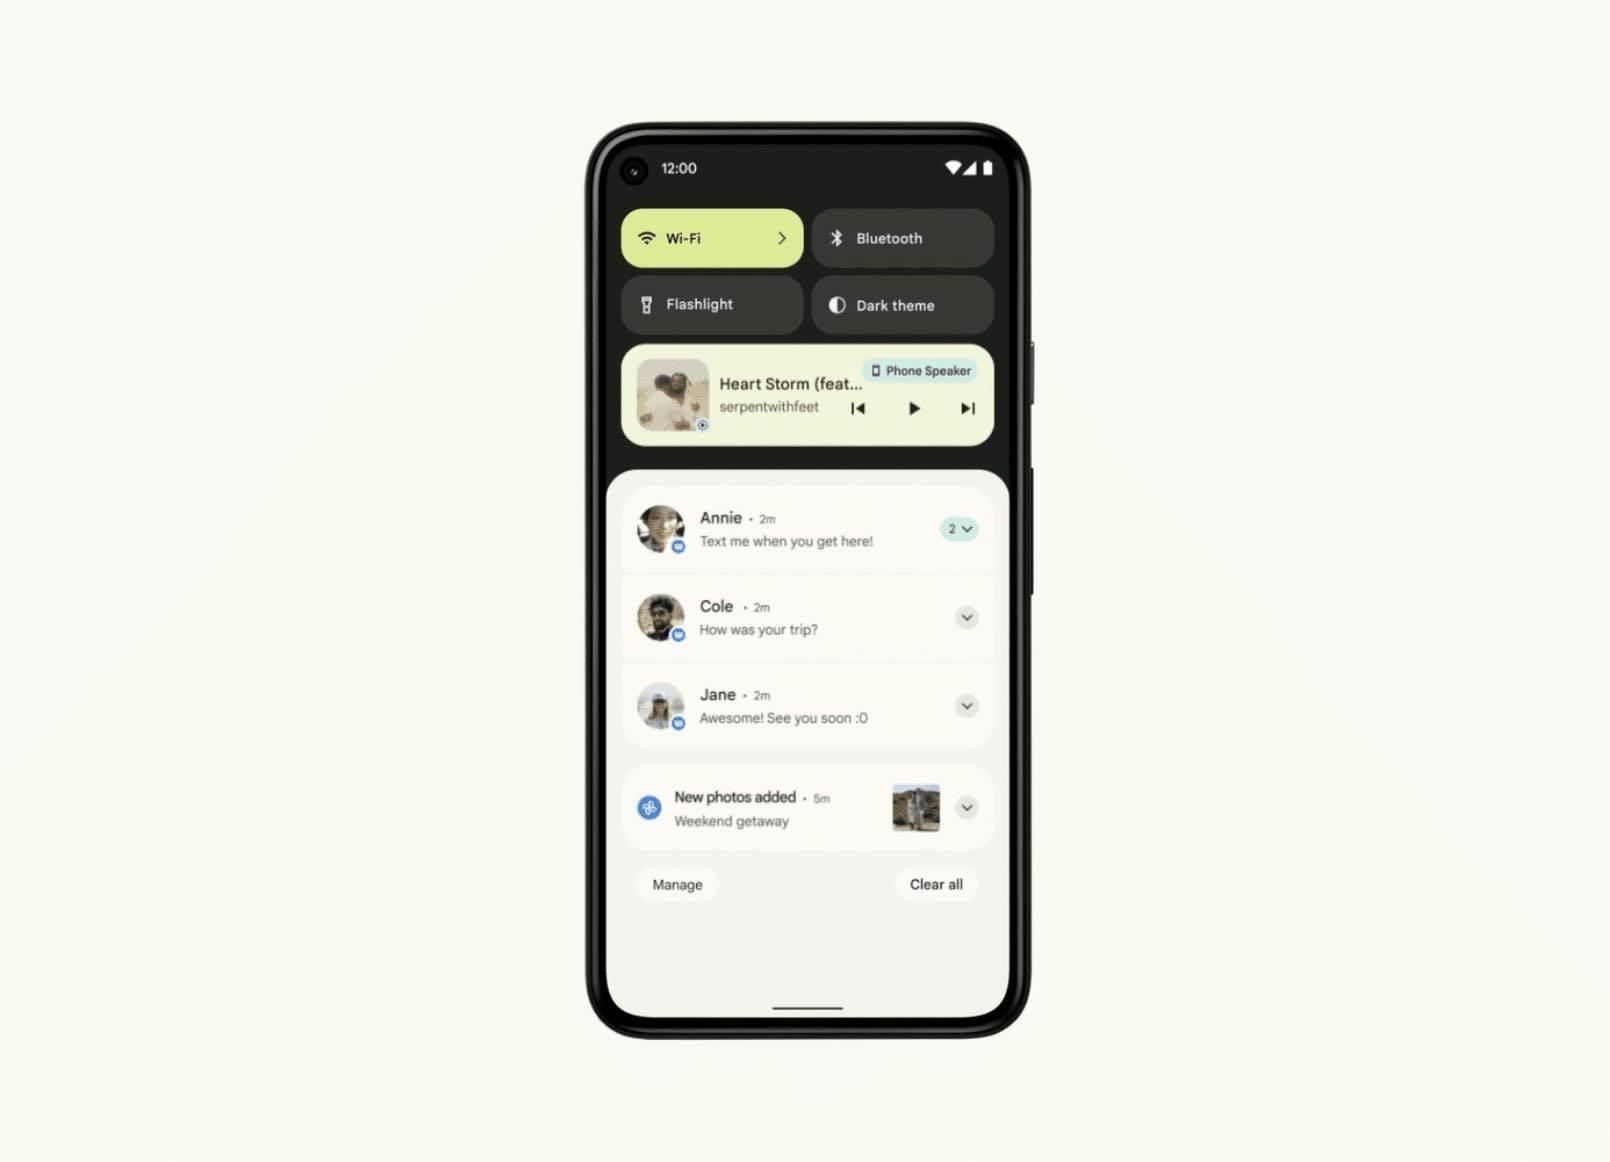 10 funkcji z Android 12, które chcielibyśmy zobaczyć w iOS 15 polecane, ciekawostki iOS 15, Apple, Android 12  WWDC 2021 już za kilka dni. Co zaskakujące, niewiele wiemy na temat nowego systemu iOS 15 dla iPhone'a, poza funkcją monitorowania jedzenia i zmianach w Centrum Sterowania.  pow